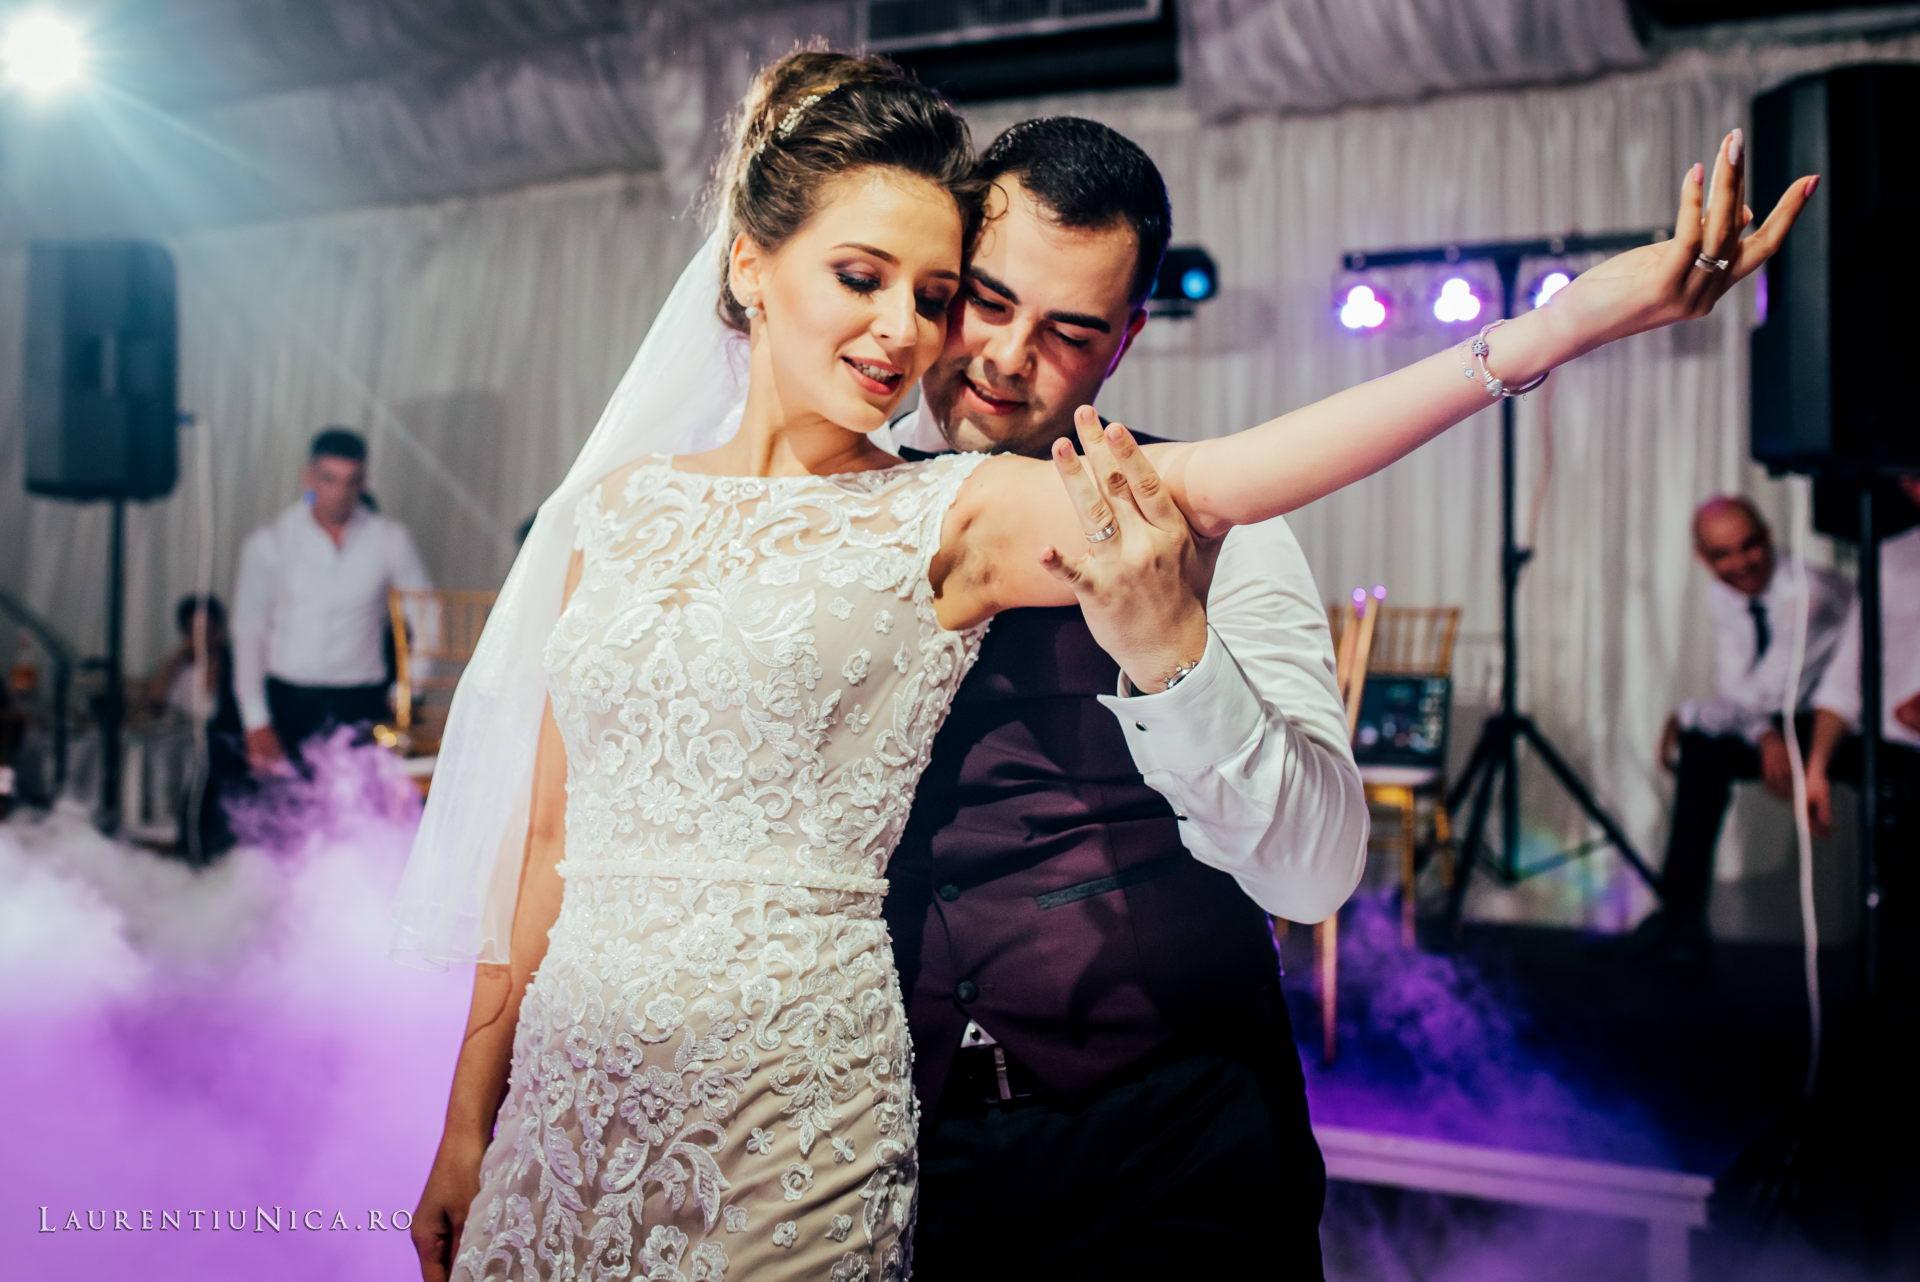 denisa si catalin fotograf nunta laurentiu nica craiova 72 - Denisa si Catalin | Fotografii nunta | Craiova